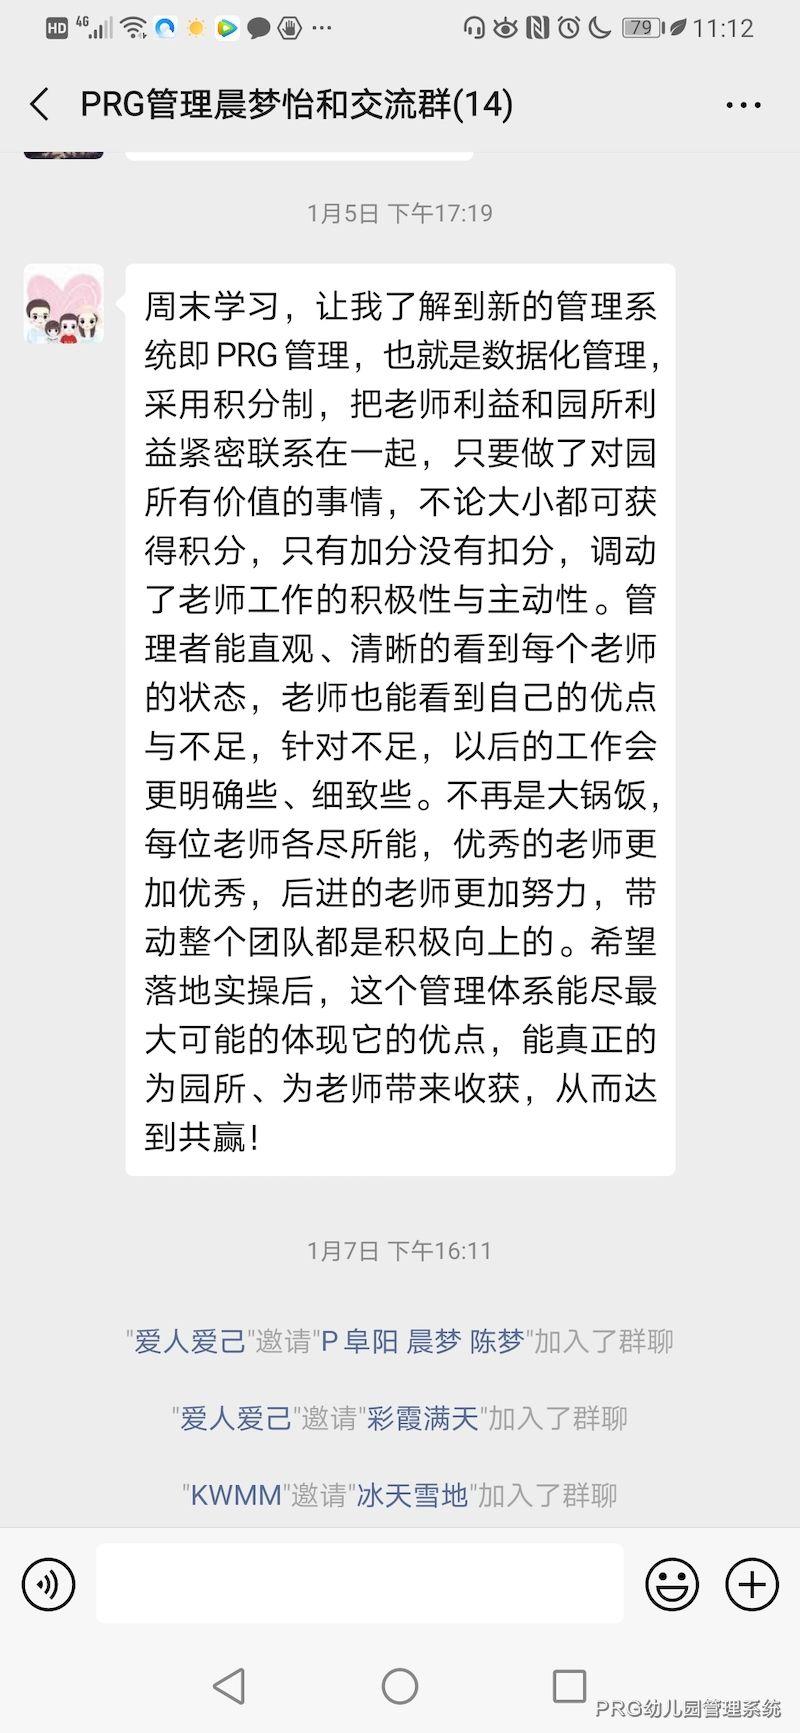 晨梦、怡和幼儿园PRG<a href=https://www.xiaoxianprg.com/ target=_blank class=infotextkey>幼儿园管理系统</a>学习感言分享4